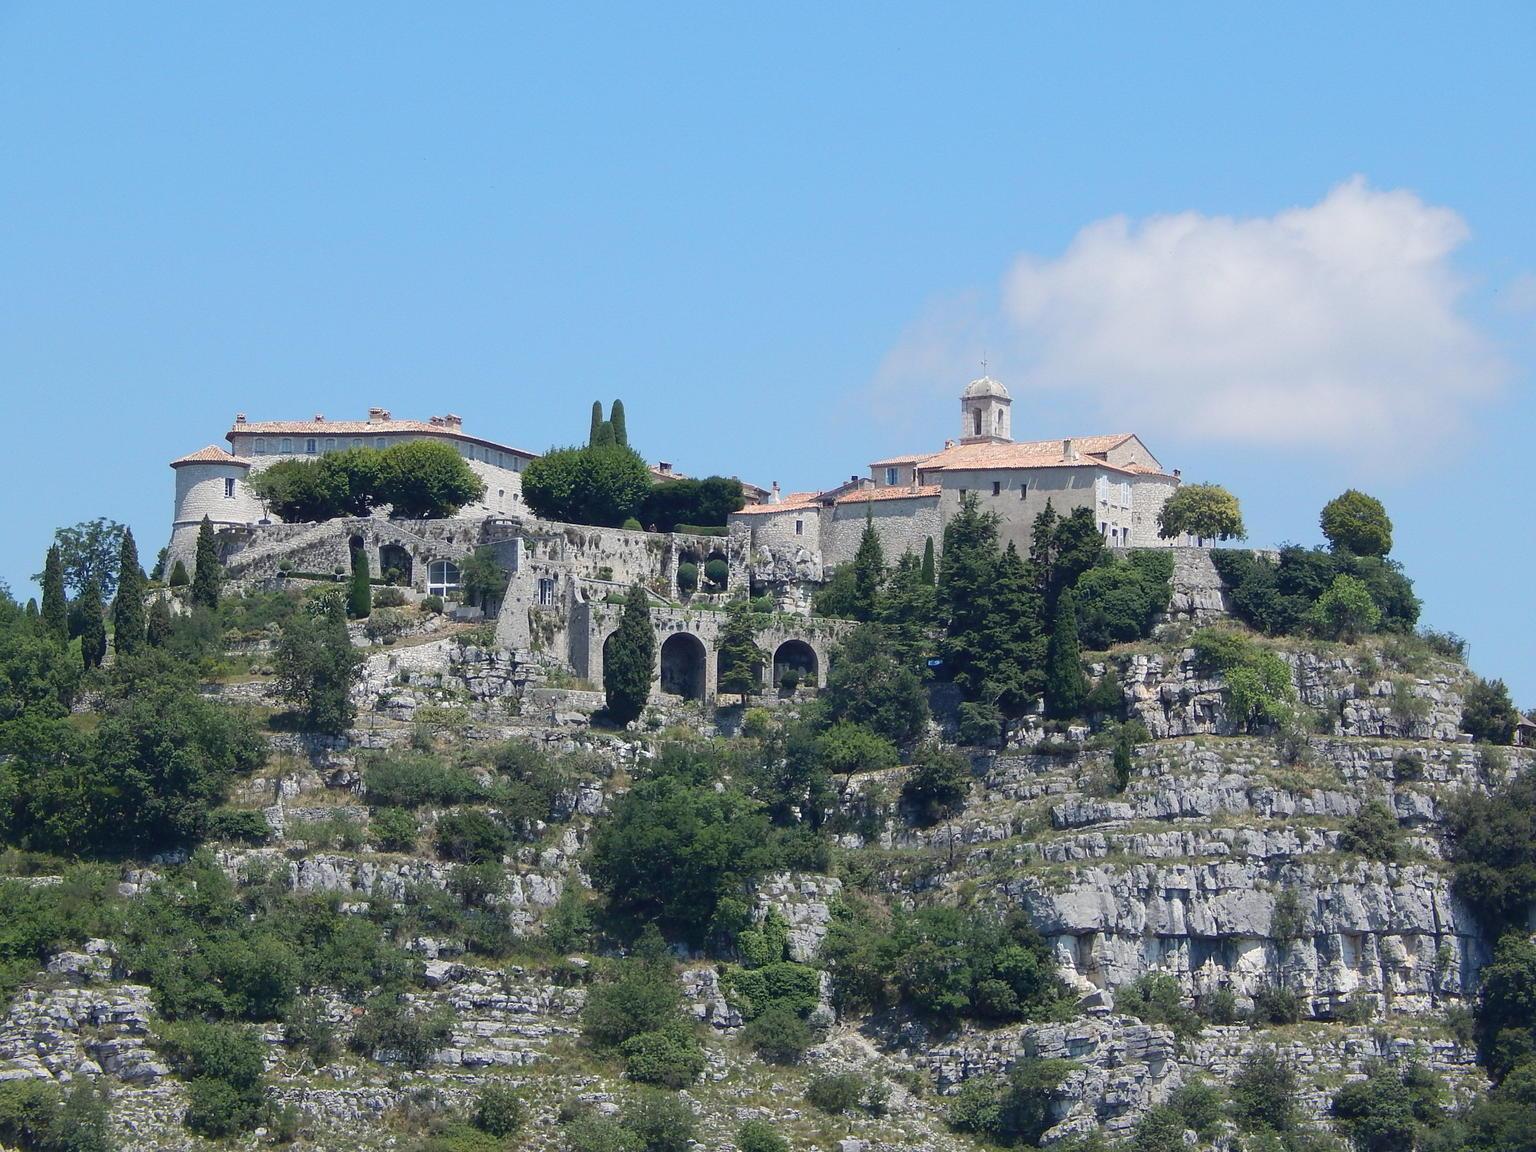 MÁS FOTOS, Excursión para grupos pequeños a Grasse, Gourdon, Valbonne: campiña y cata de vinos